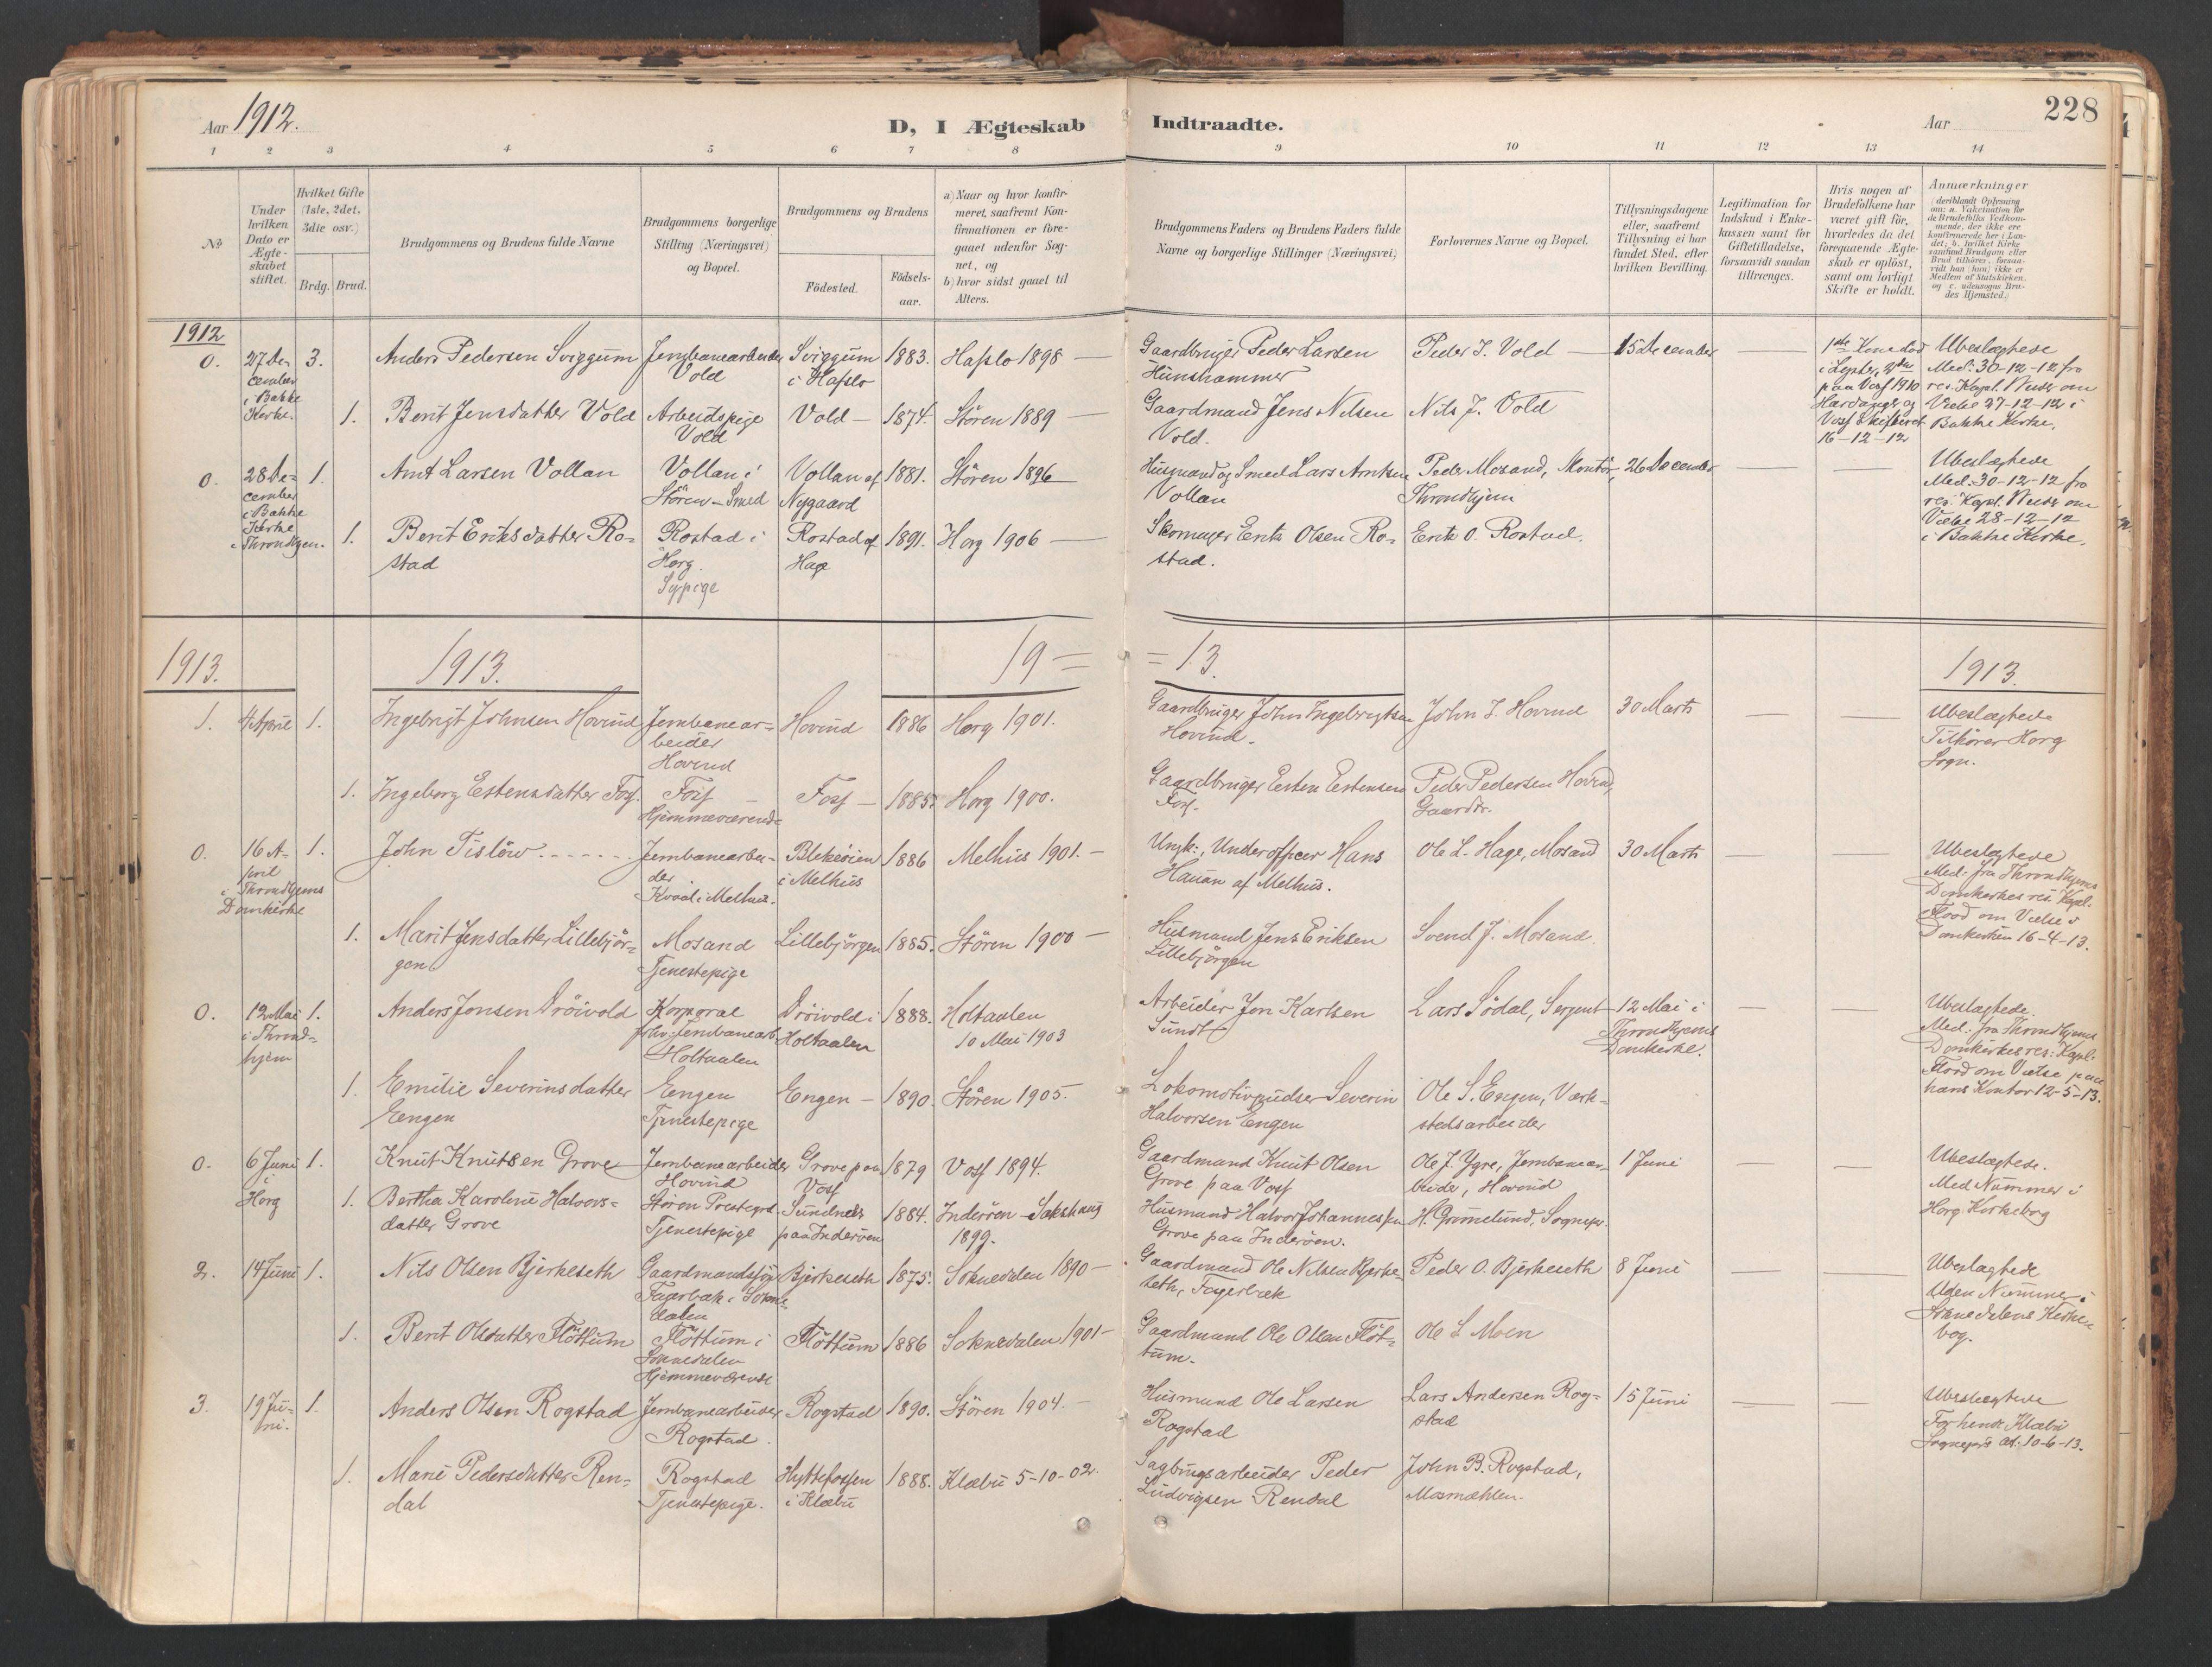 SAT, Ministerialprotokoller, klokkerbøker og fødselsregistre - Sør-Trøndelag, 687/L1004: Ministerialbok nr. 687A10, 1891-1923, s. 228